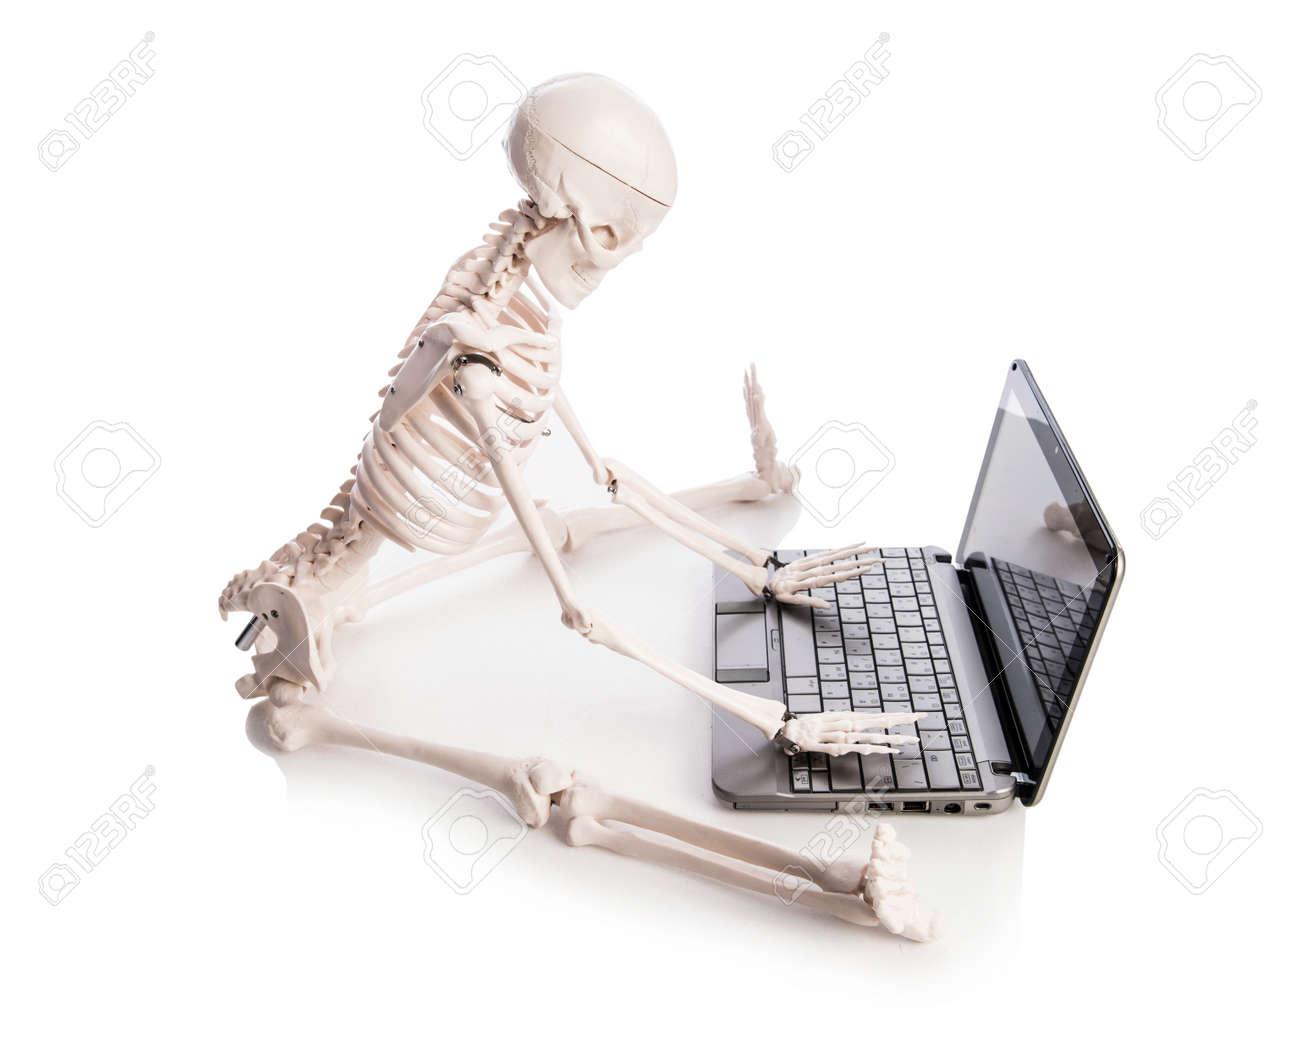 Skeleton working on laptop Stock Photo - 19038575